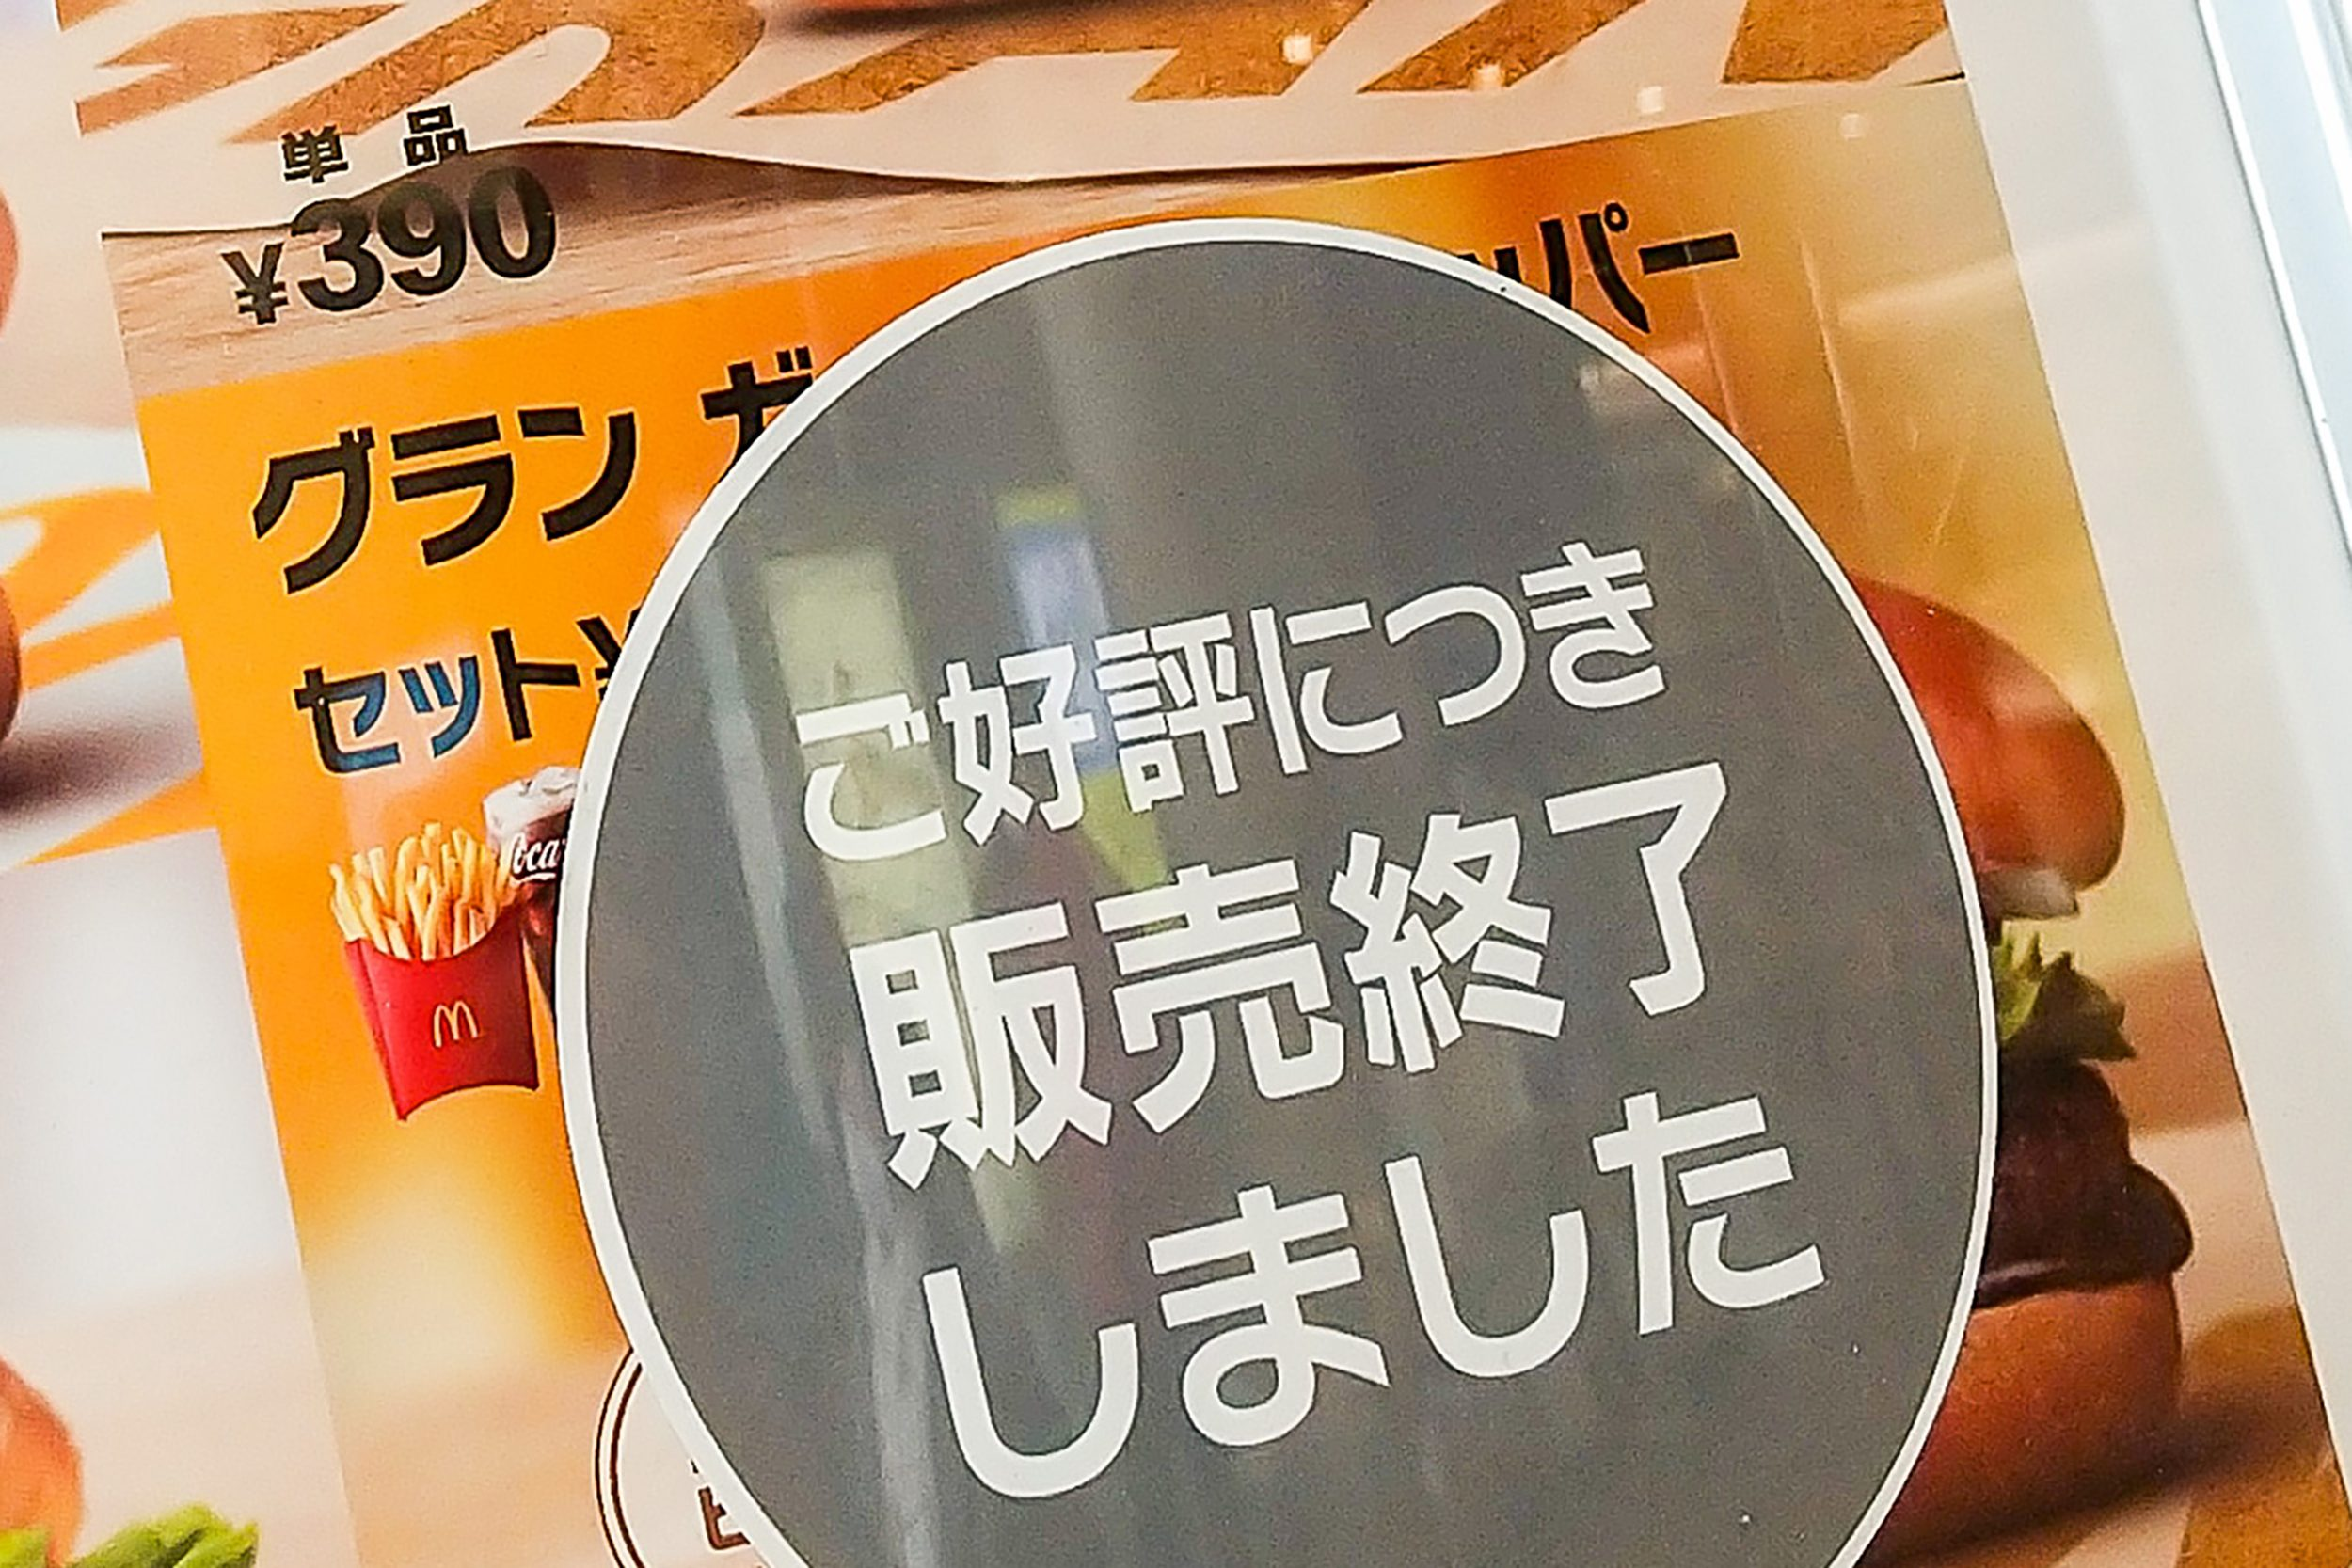 マクドナルド、惜しまれつつ販売終了した定番バーガー 新商品に絶品パティ託す – ニュースサイトしらべぇ